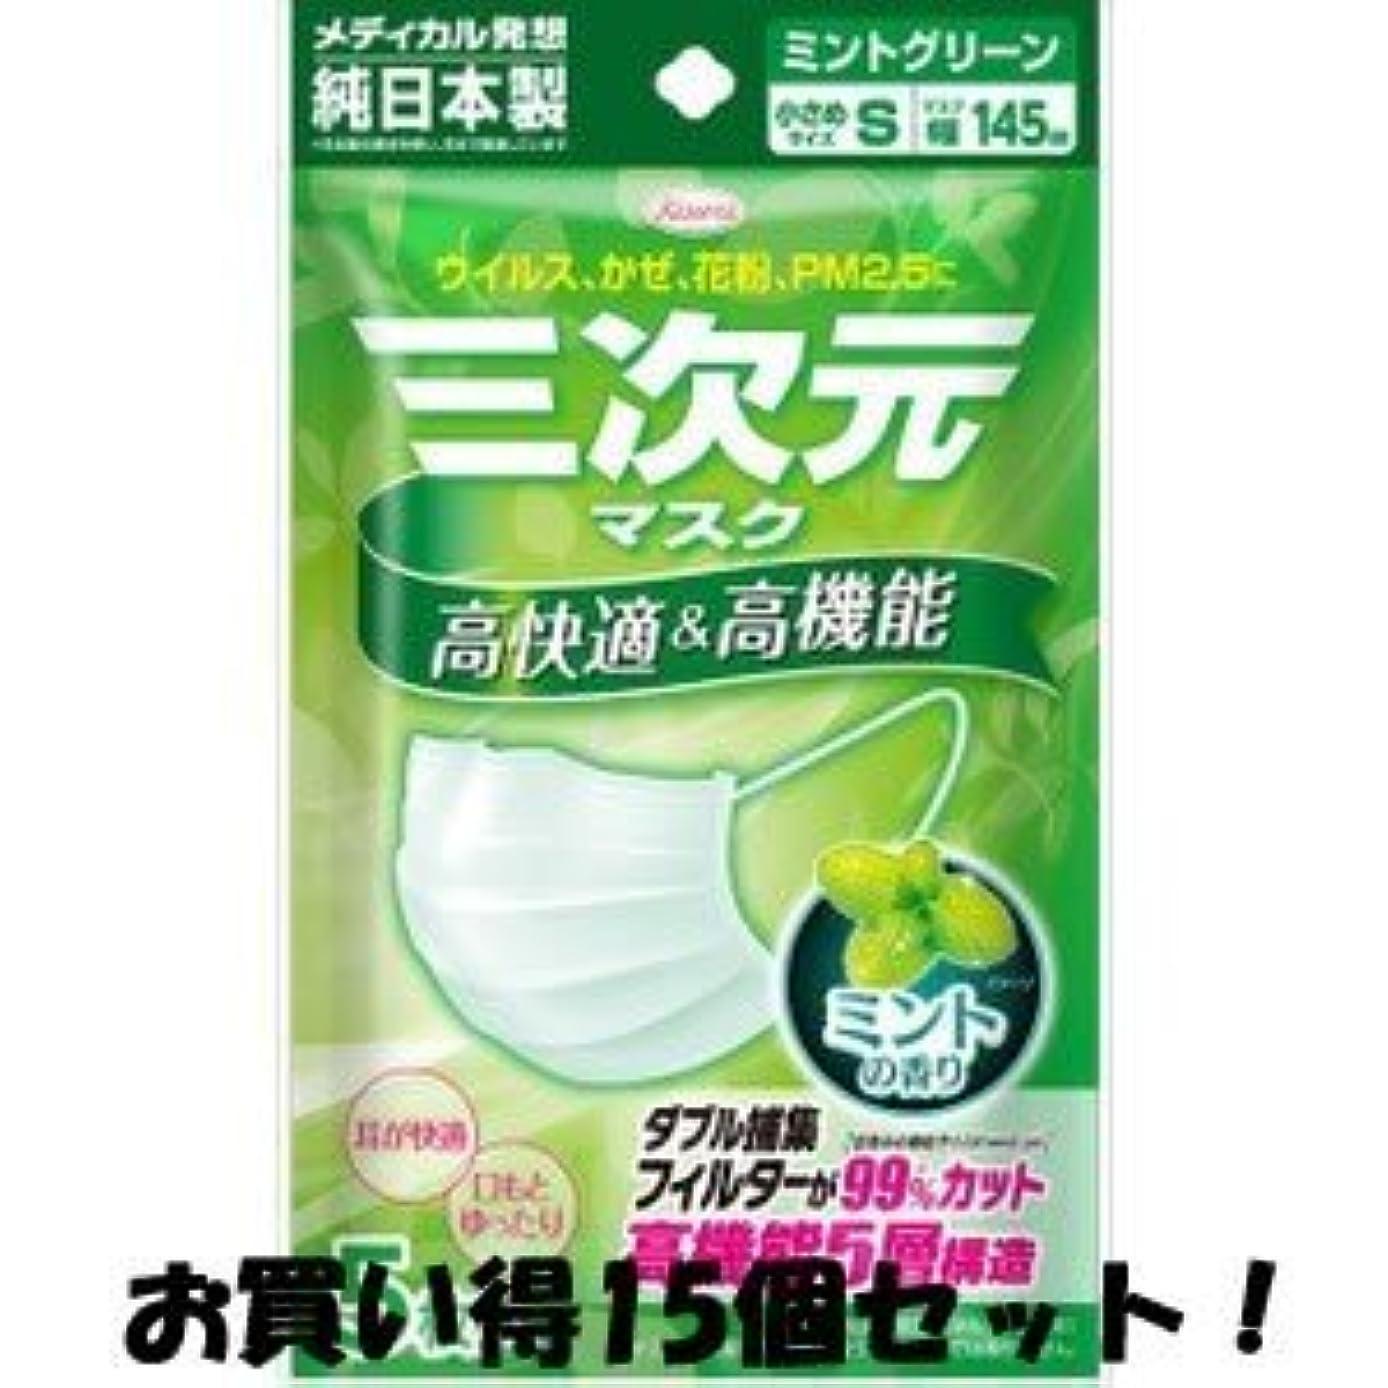 (興和新薬)三次元マスク ミントの香り グリーン 小さめSサイズ 5枚入(お買い得15個セット)